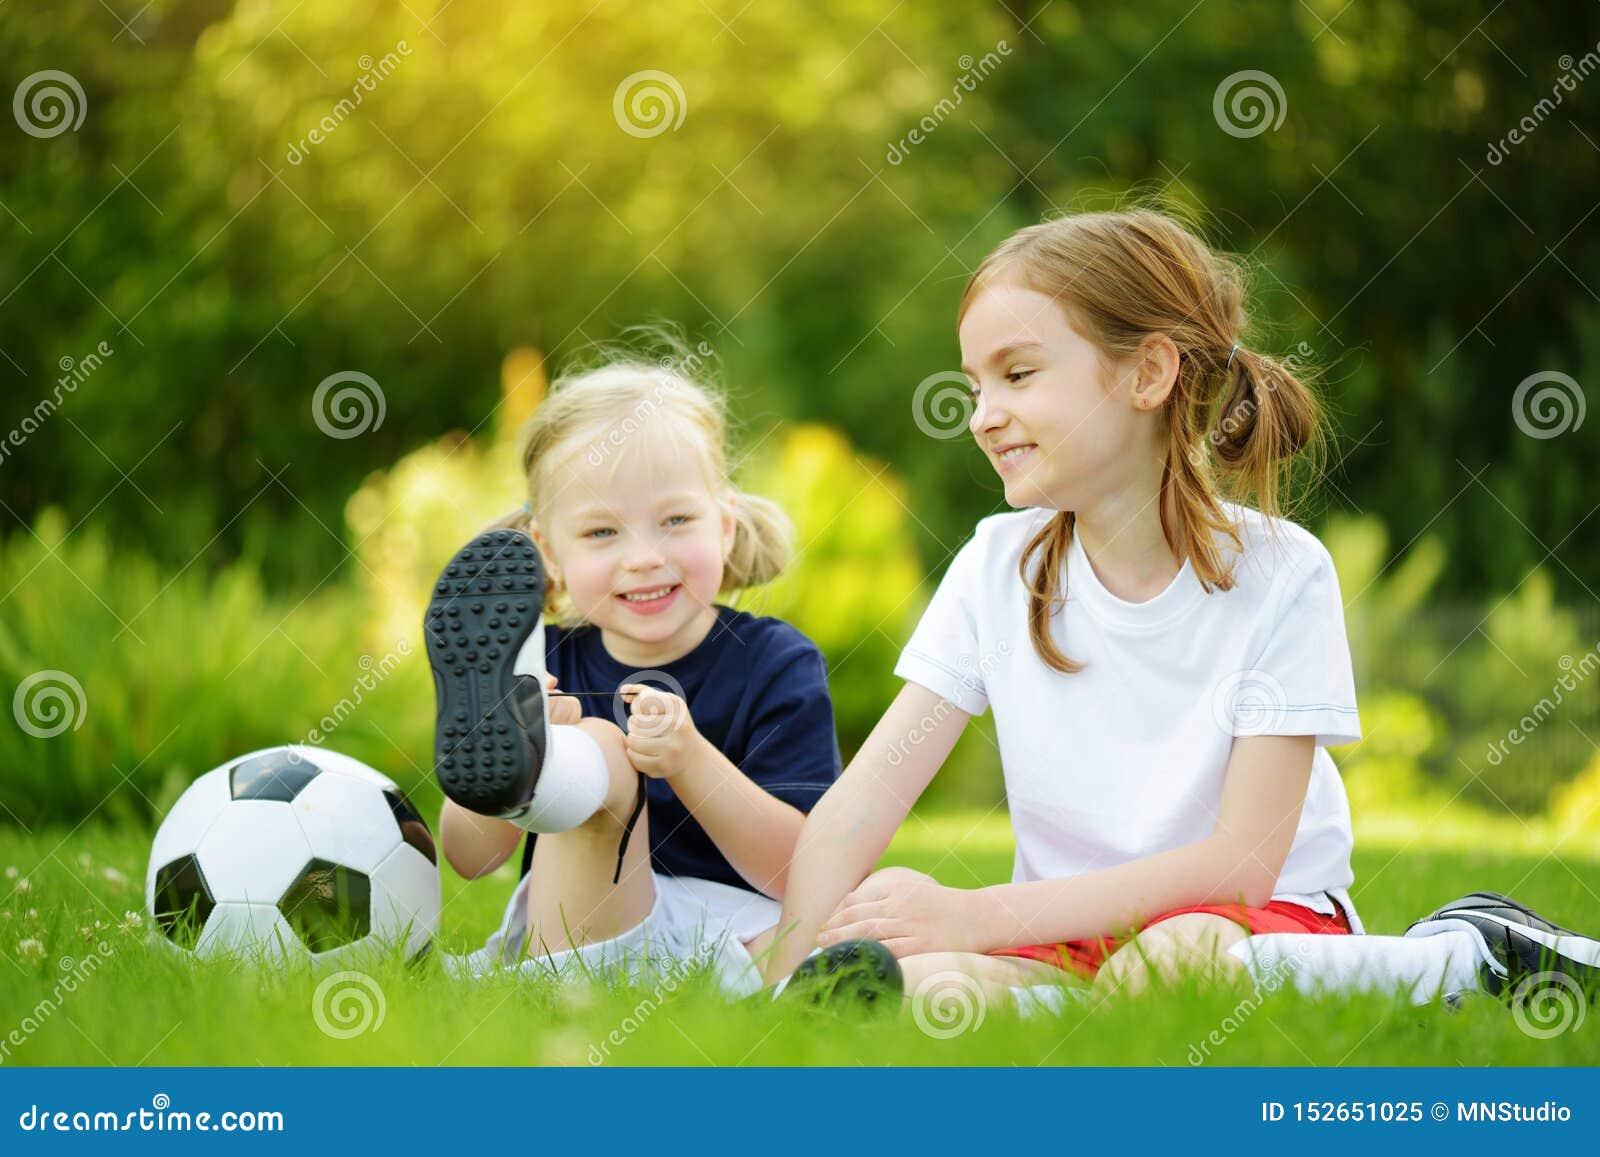 获得两个逗人喜爱的妹打一足球的乐趣在晴朗的夏日 孩子的体育活动